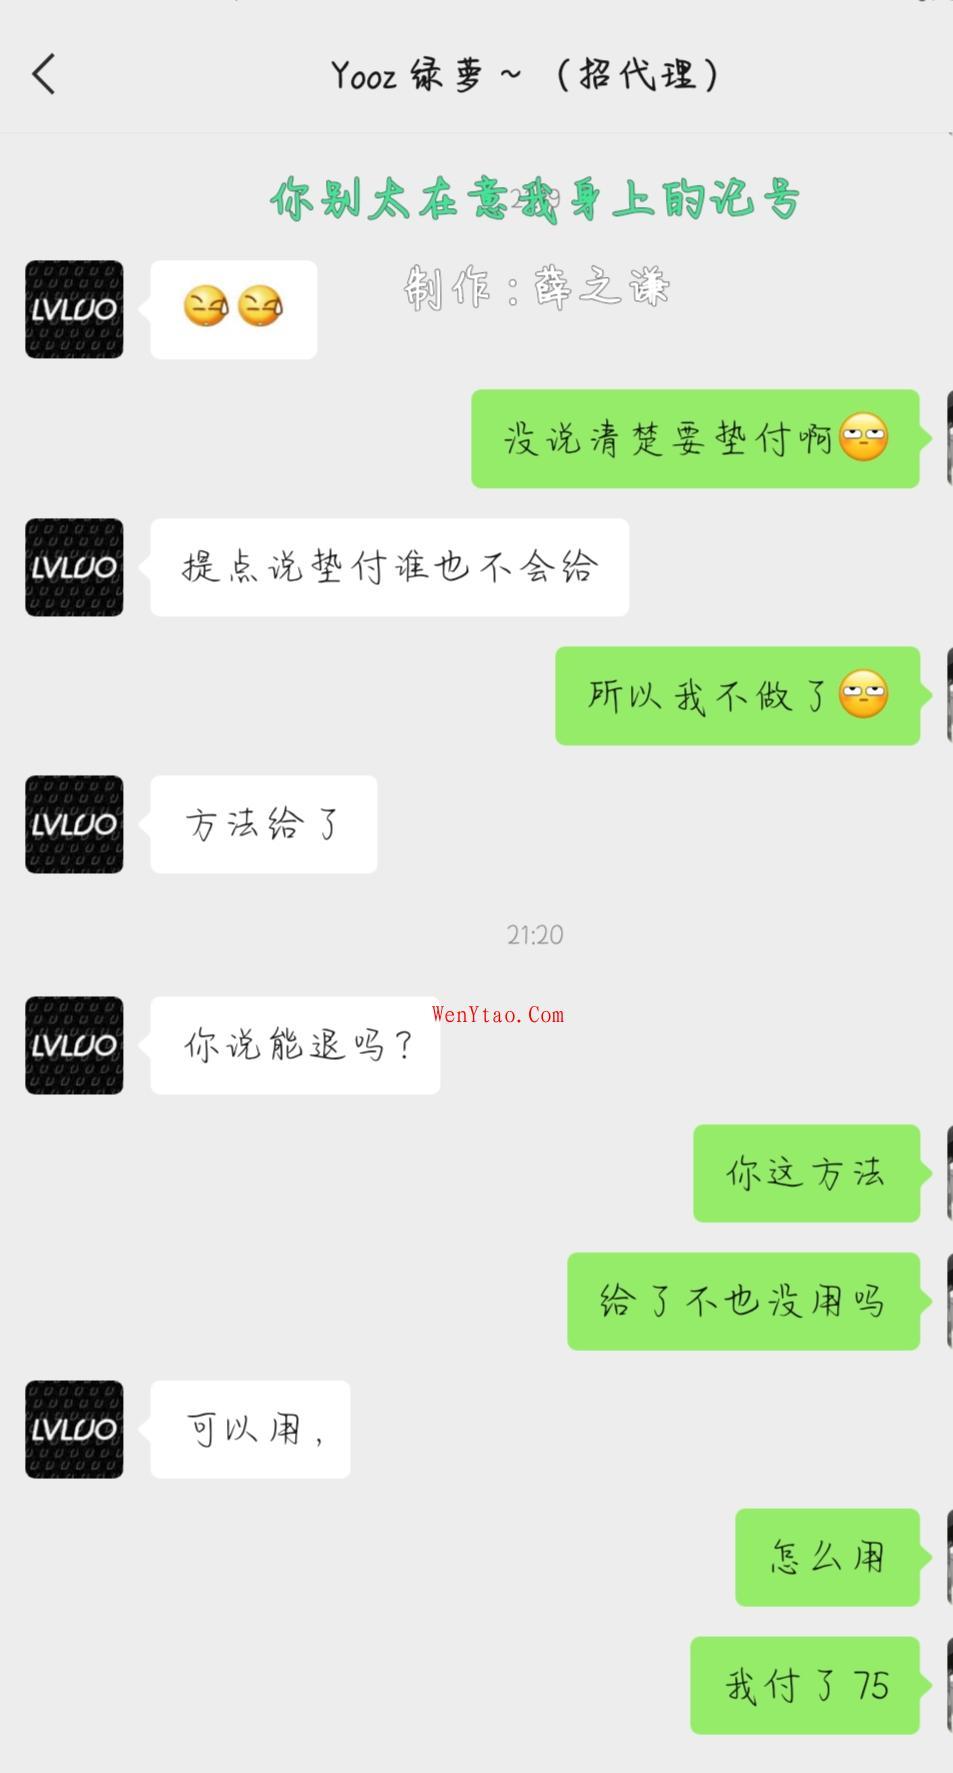 套路狗 QQ 1901863989 手机号码 18336929416 第6张